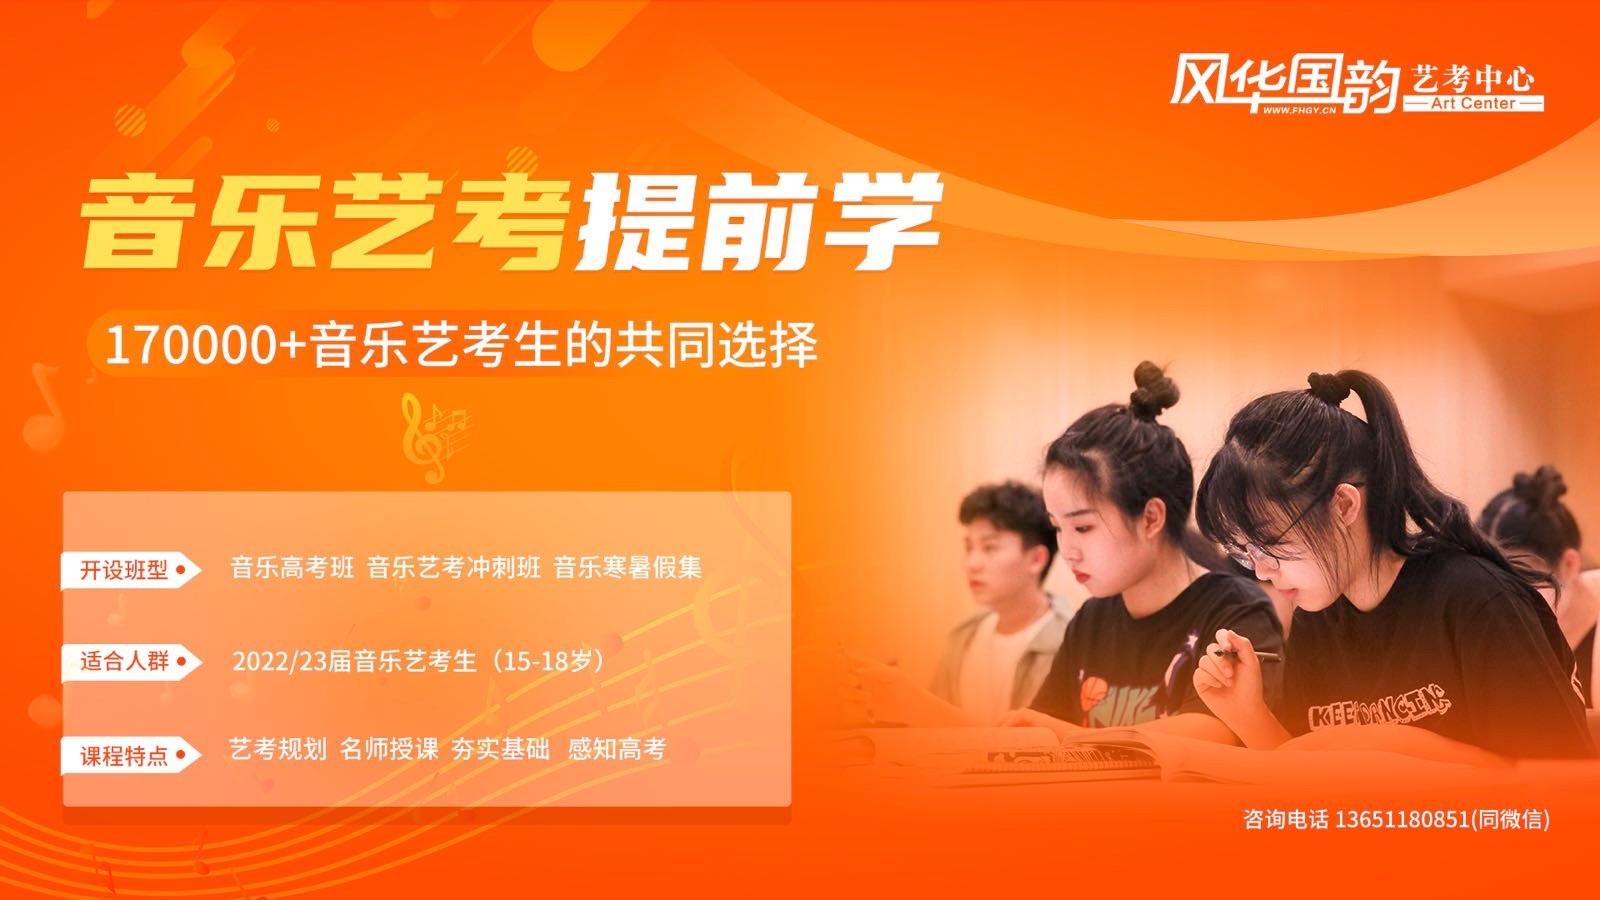 四川音乐艺考培训机构哪家好?